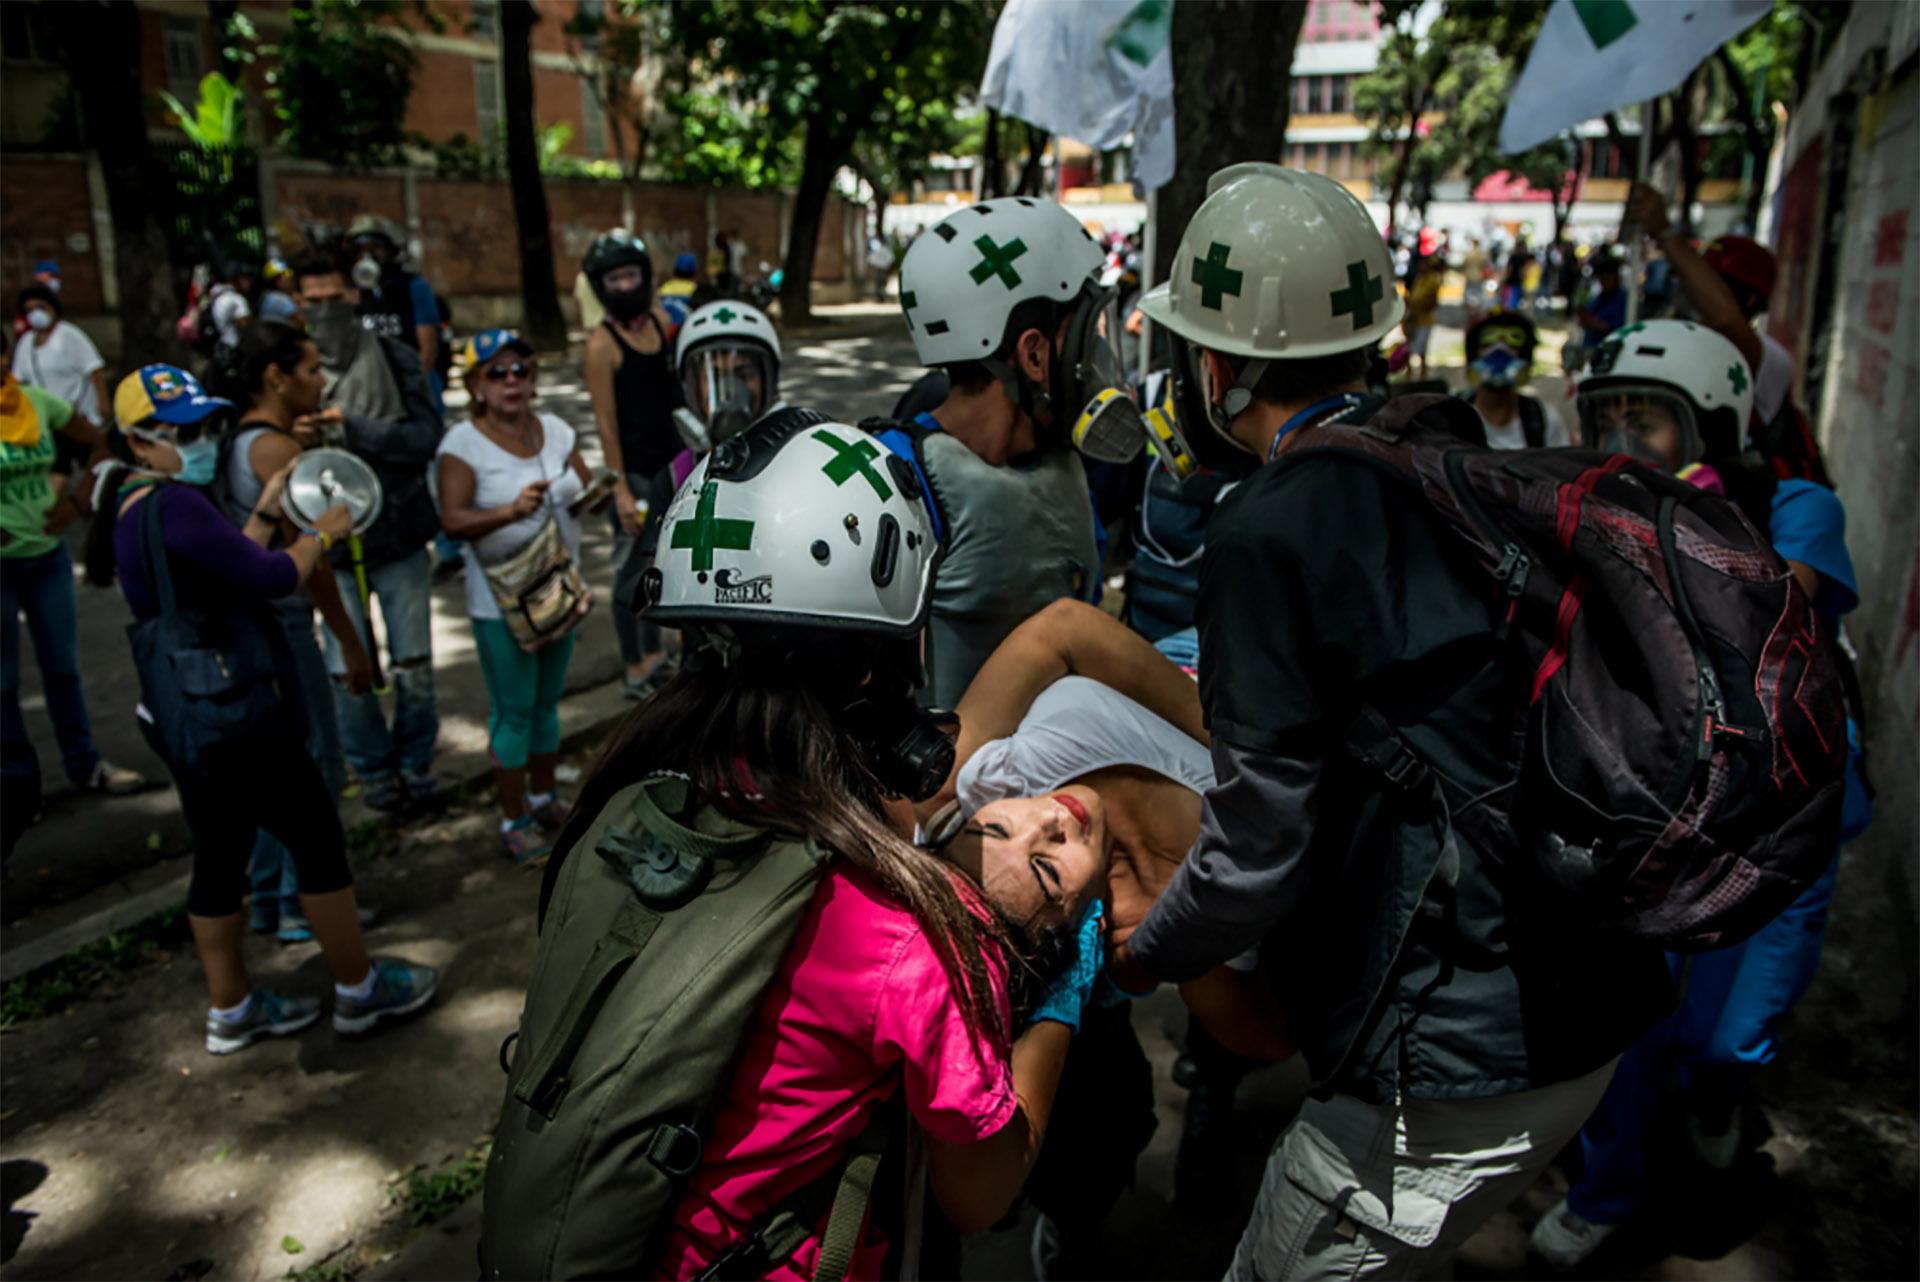 Voluntarios asisten a los heridos por la represión (Meridith Kohut for The New York Times)